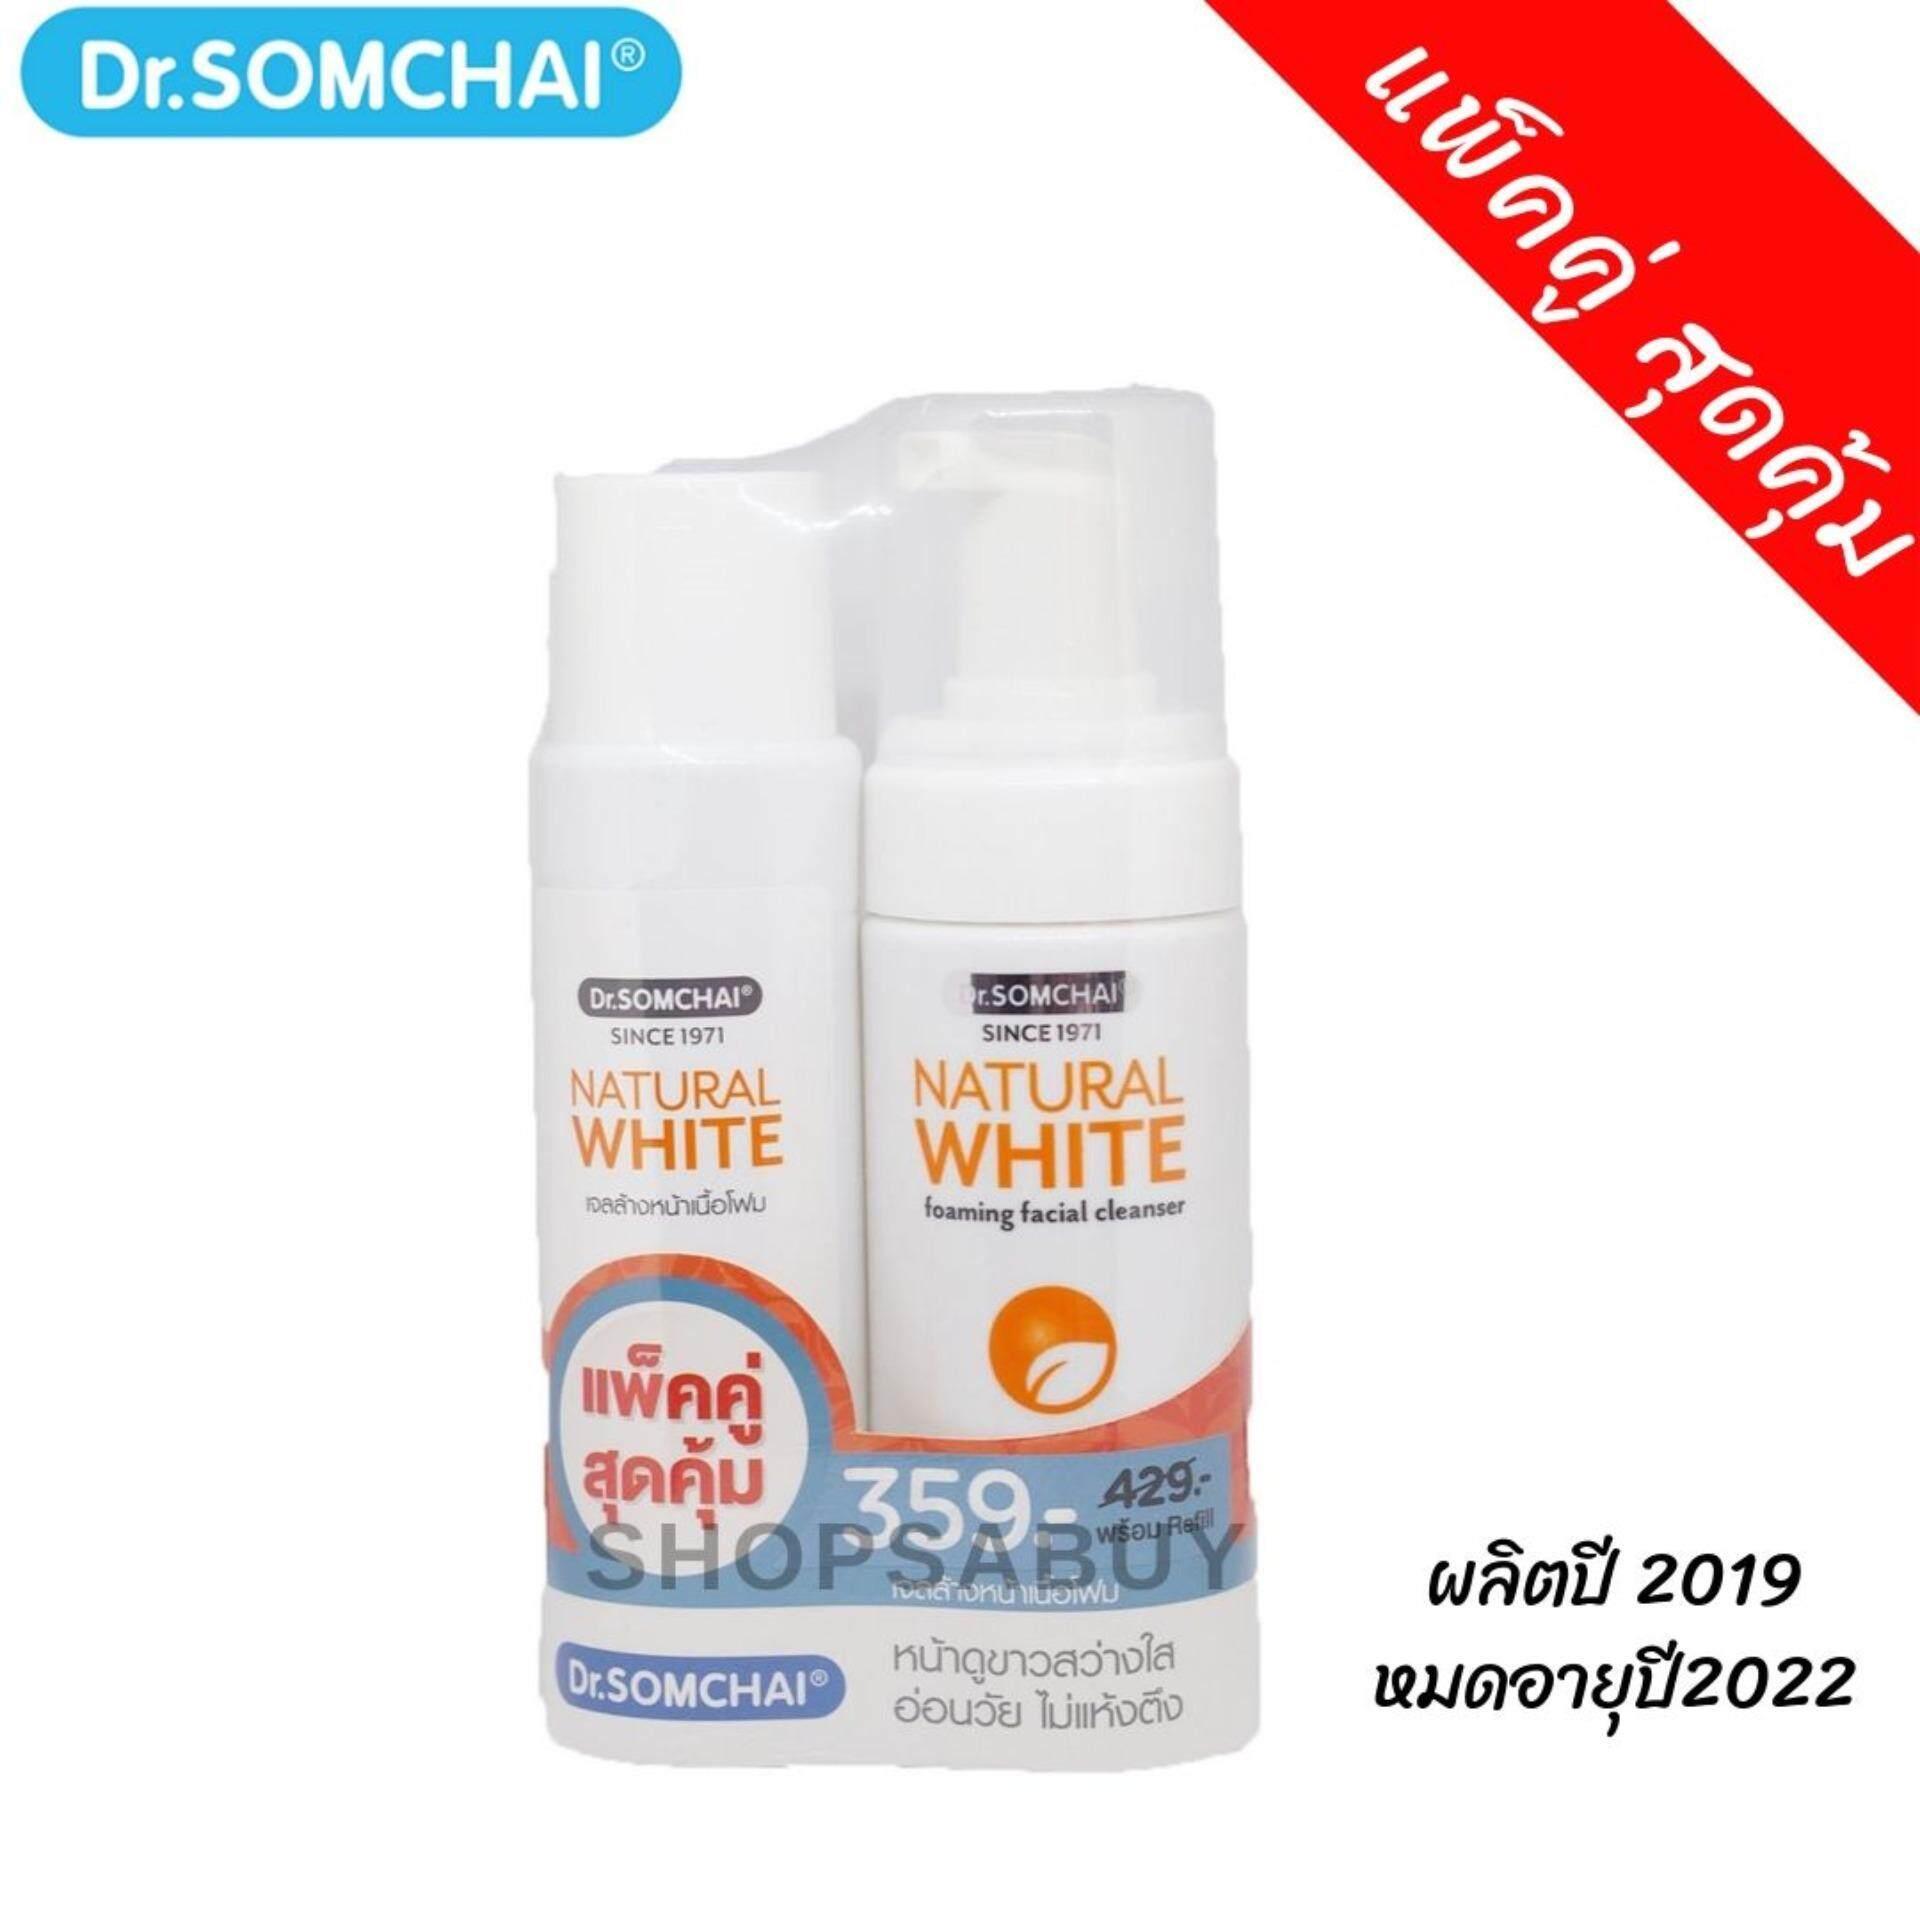 Dr. Somchai Natural White (150มล.)พร้อมขวดรีฟิล  ดร.สมชายเจลล้างหน้าเนื้อโฟมสูตรเนเชอรัลไวท์ เพื่อหน้าขาวใส ลดฝ้าและจุดด่างดำ.